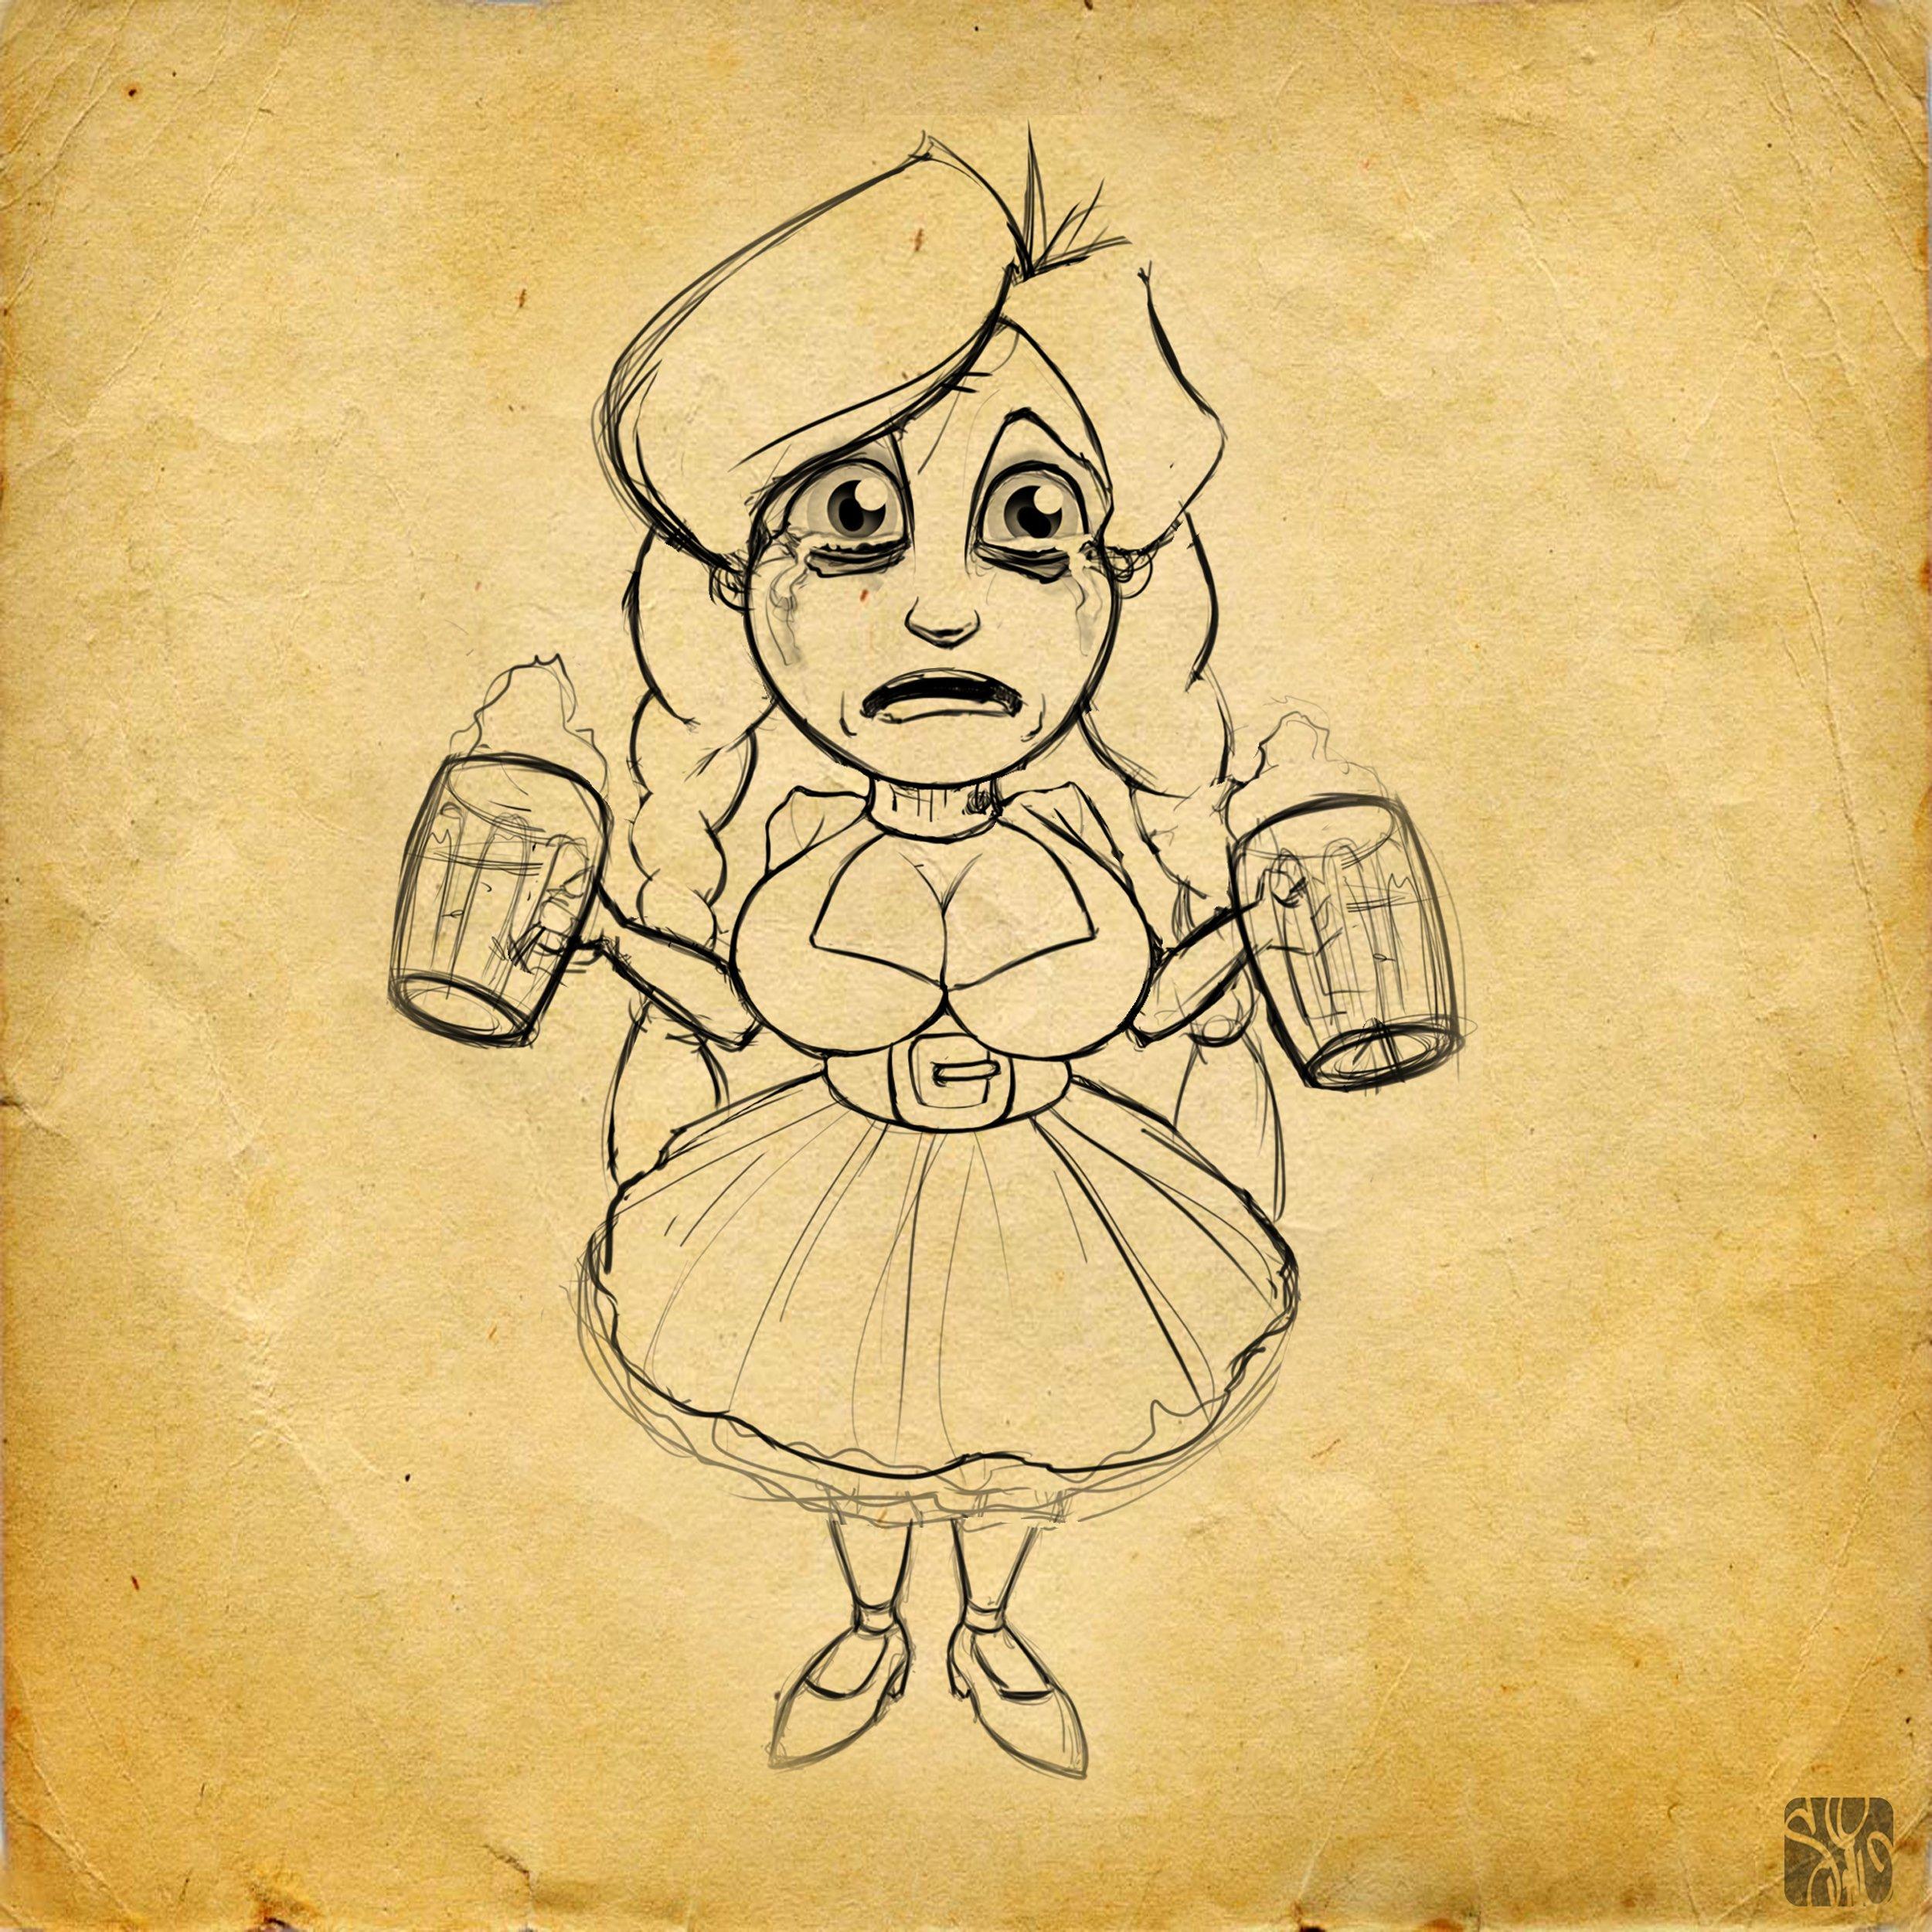 Сказка о Зайчике и Лисичке, или проблема поиска художника для мобильного приложения. - Изображение 7